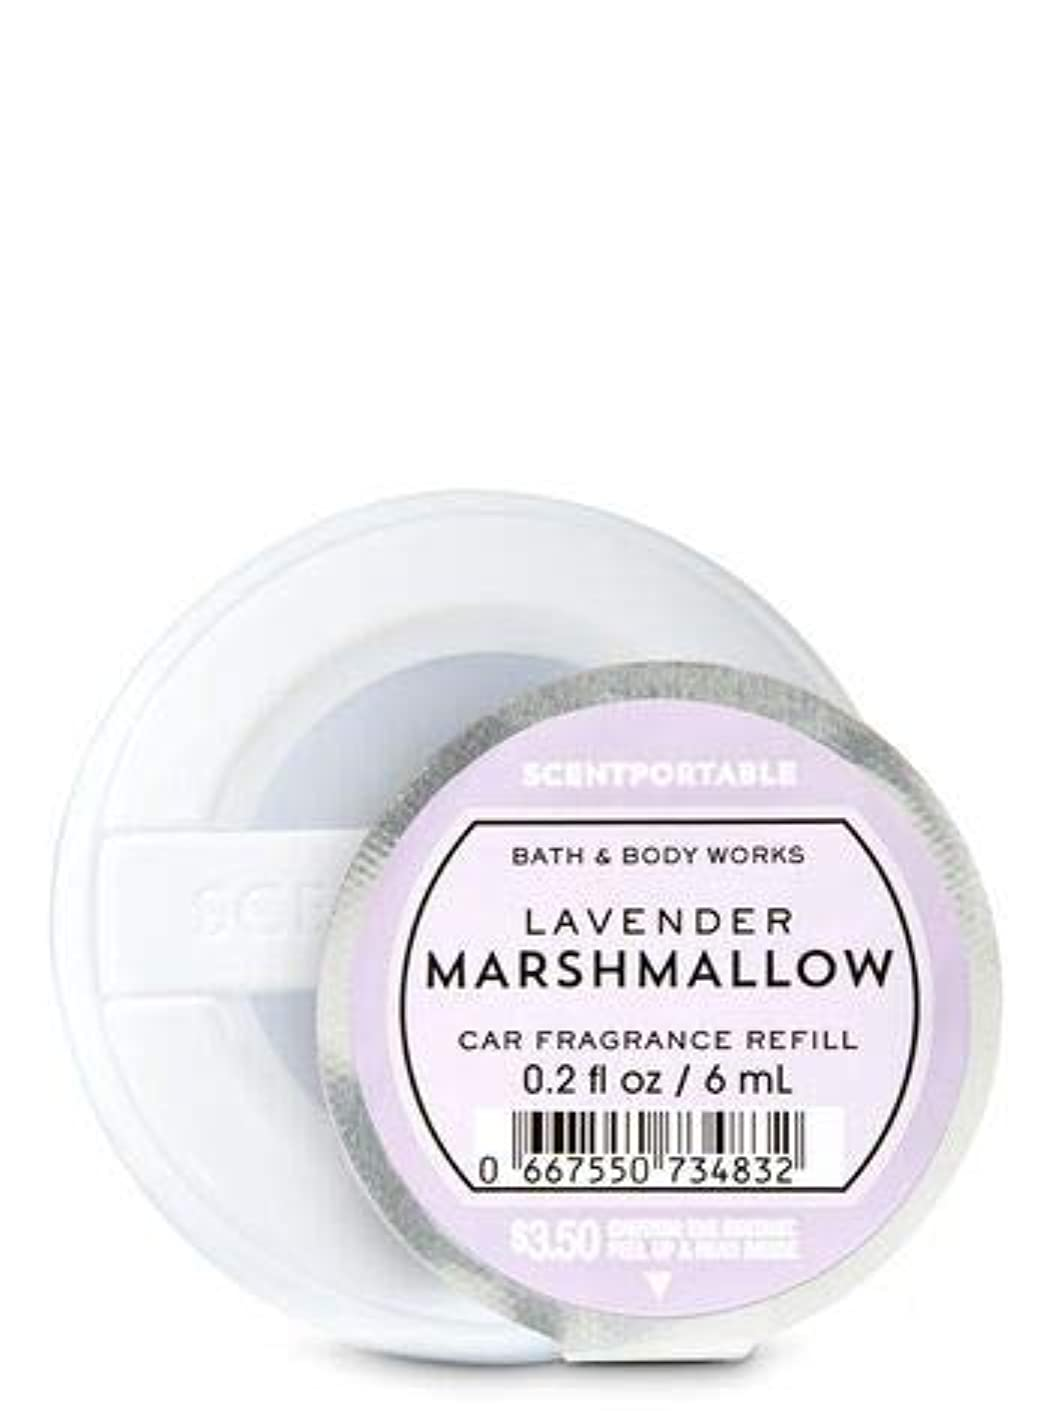 九月一晩空気【Bath&Body Works/バス&ボディワークス】 クリップ式芳香剤 セントポータブル詰替えリフィル ラベンダーマシュマロ Scentportable Fragrance Refill Lavender Marshmallow [並行輸入品]